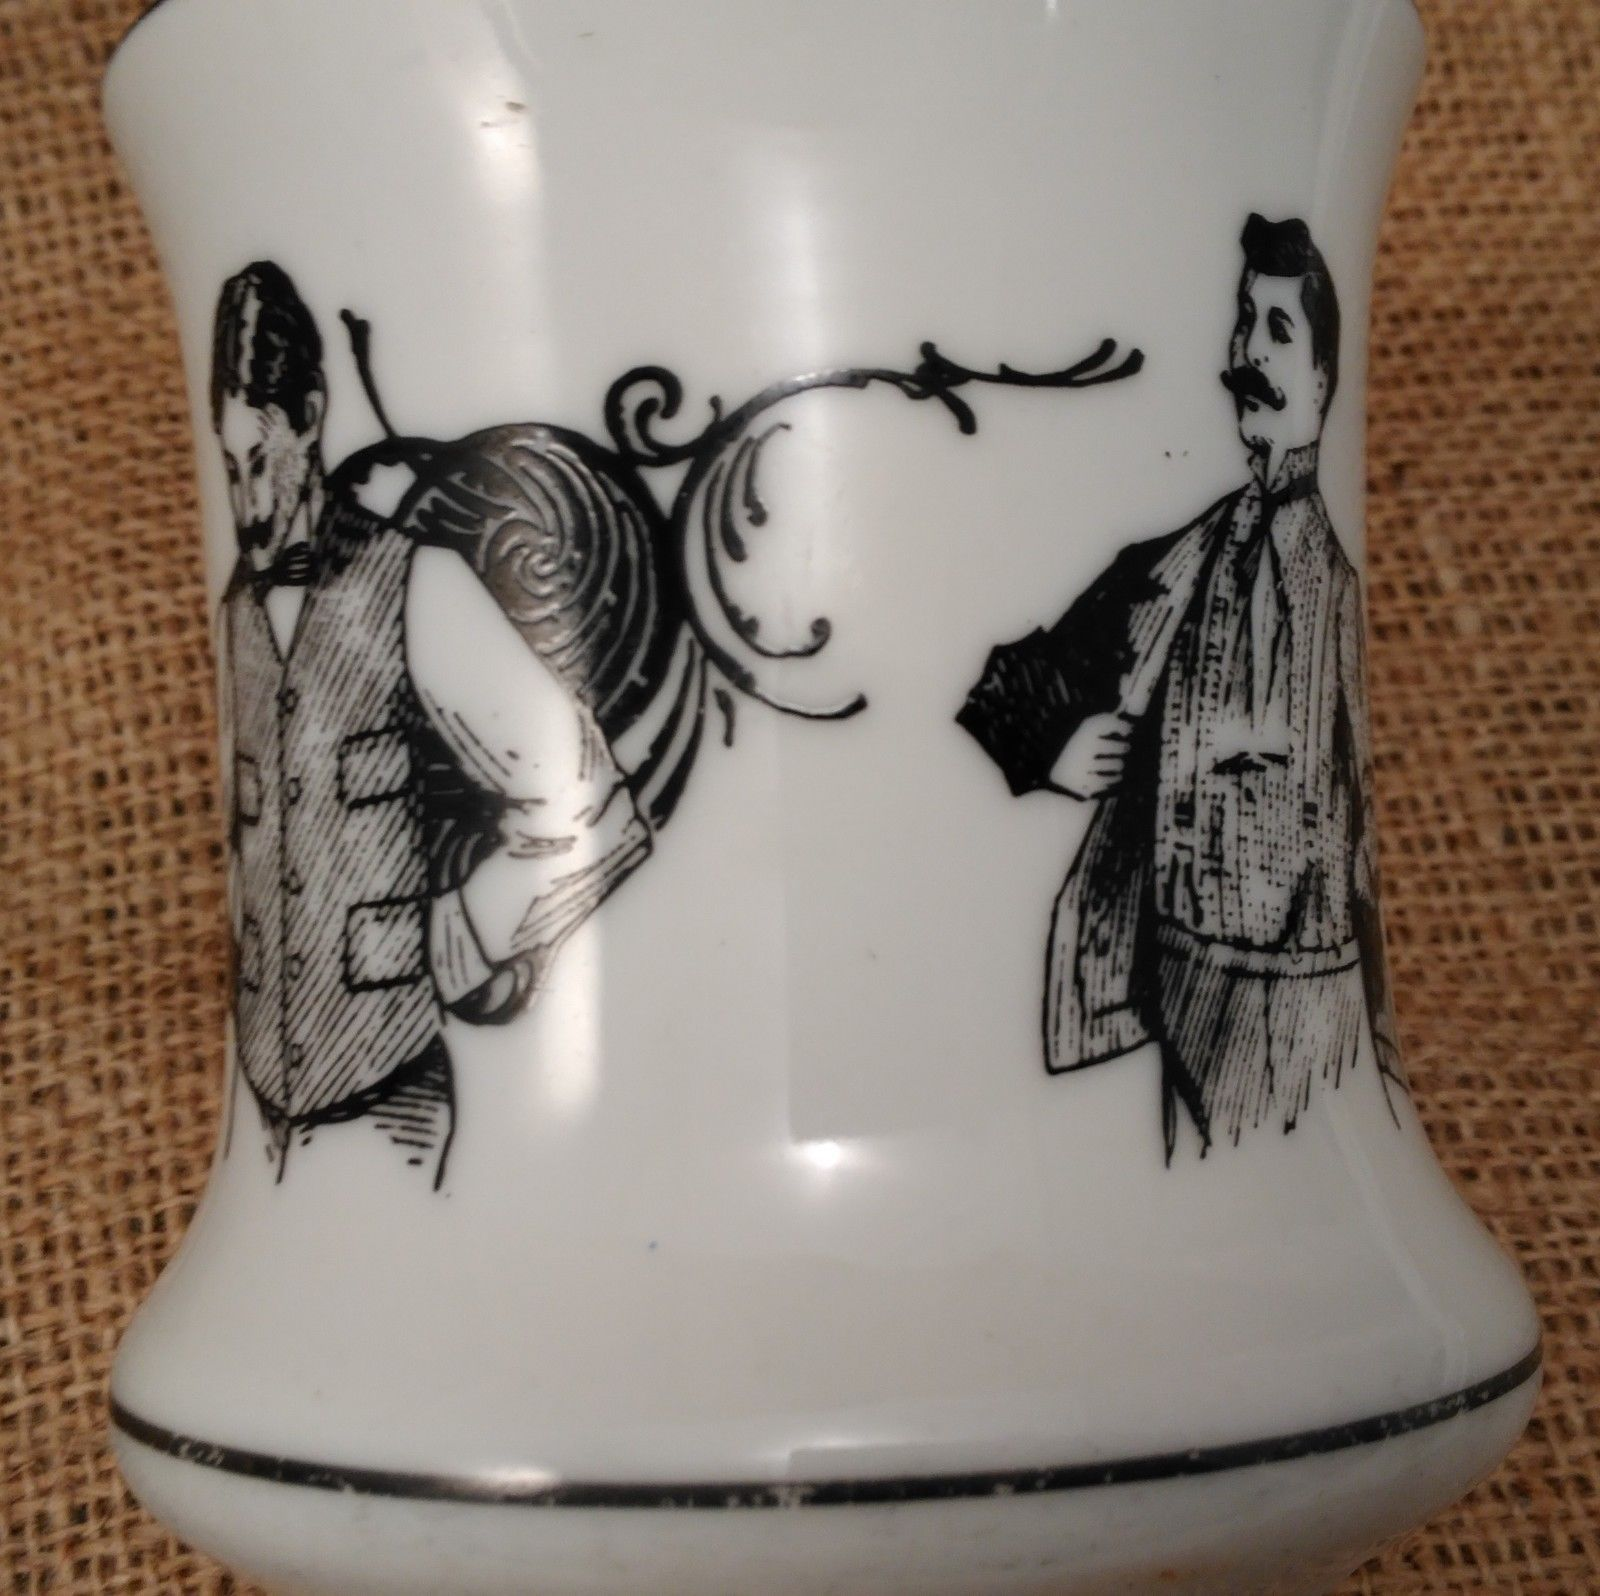 Mustache Cup Mug w/Four Victorian Men Barber Shop Quartet,  Japan